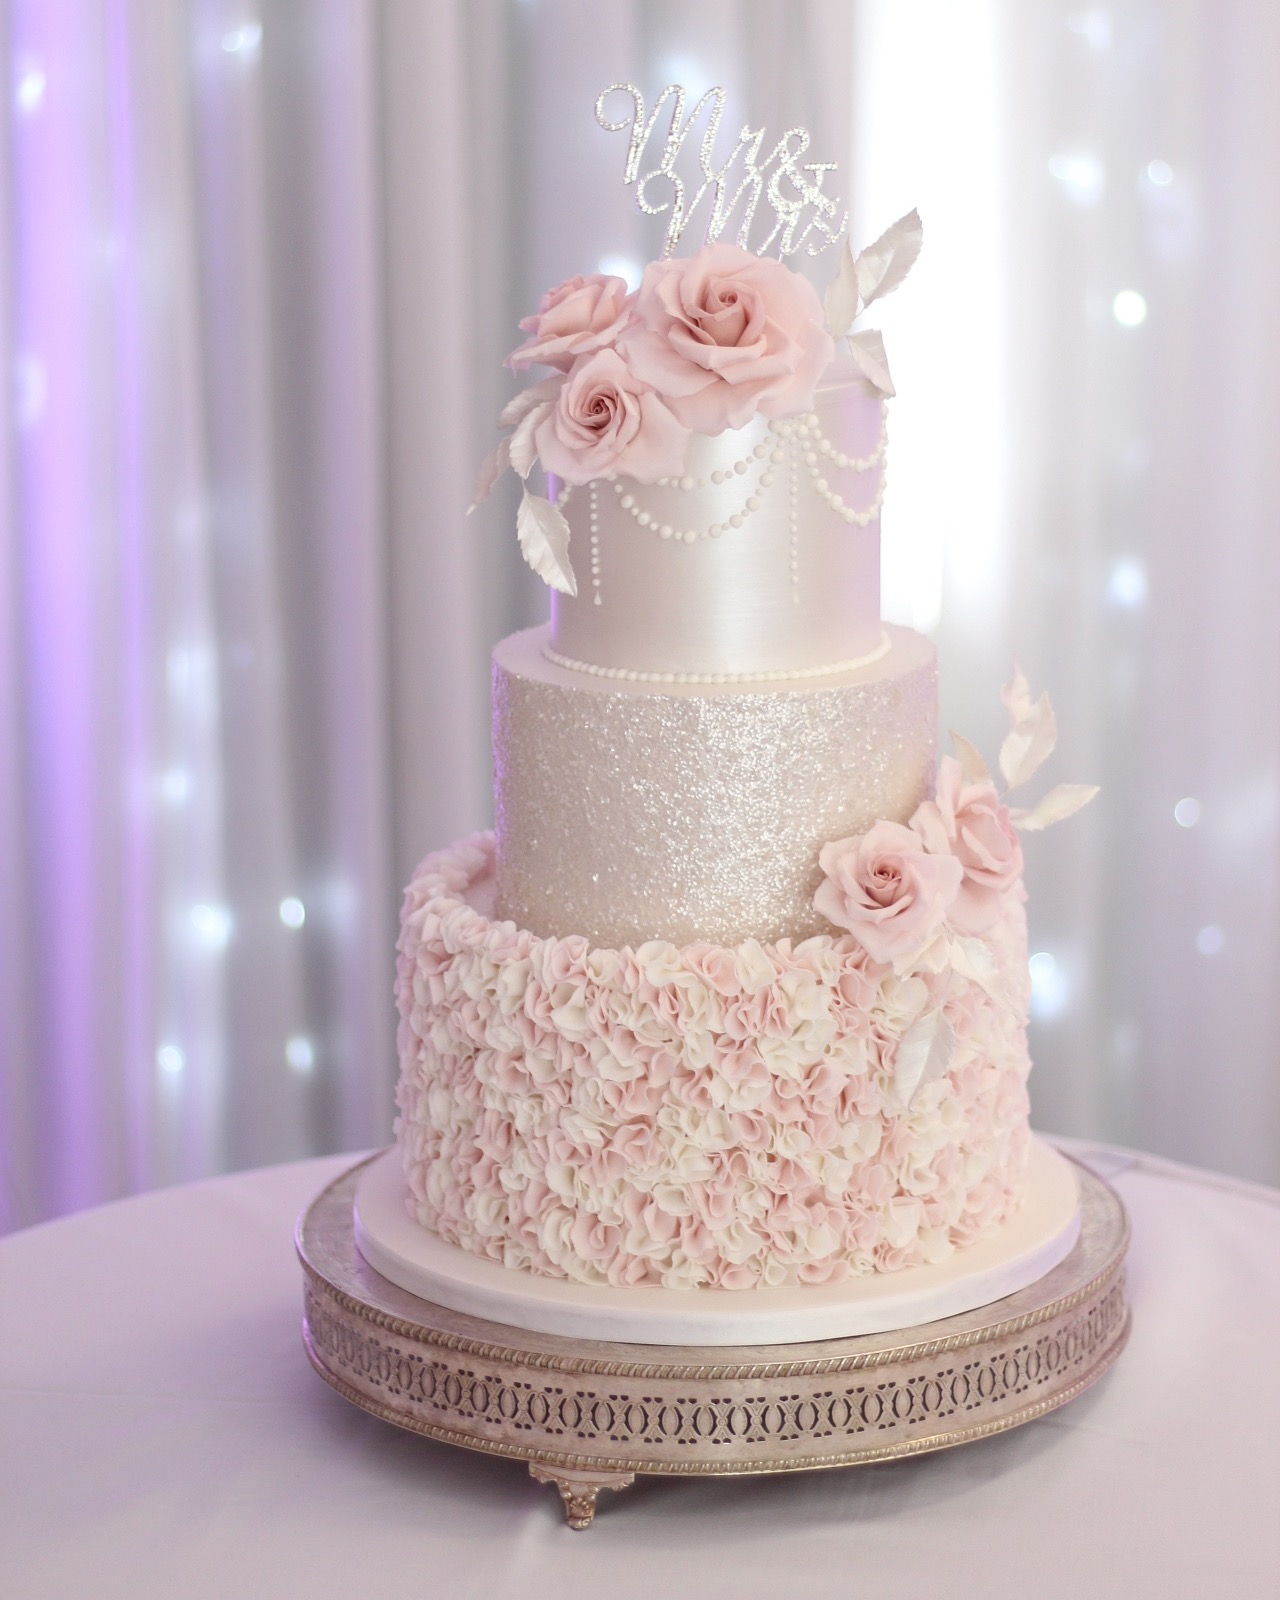 Blush Pink & Pearl Wedding Cake